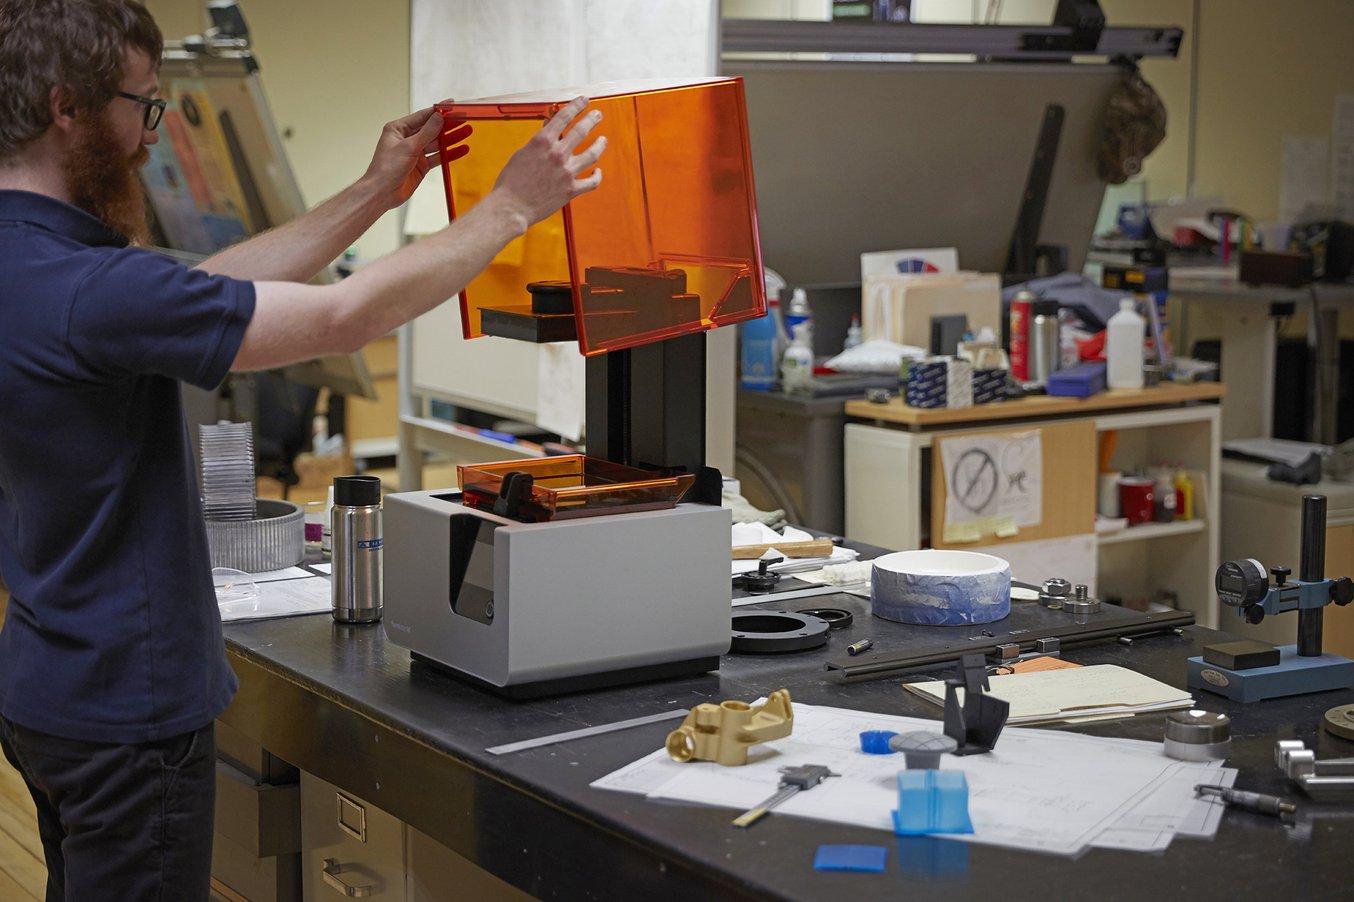 Das Technikteam von A&M Tool verwendet den Form 2 3D-Drucker regelmäßig, um Teile für die Prototypisierung, Werkzeugzeugausstattung und mehr herzustellen.